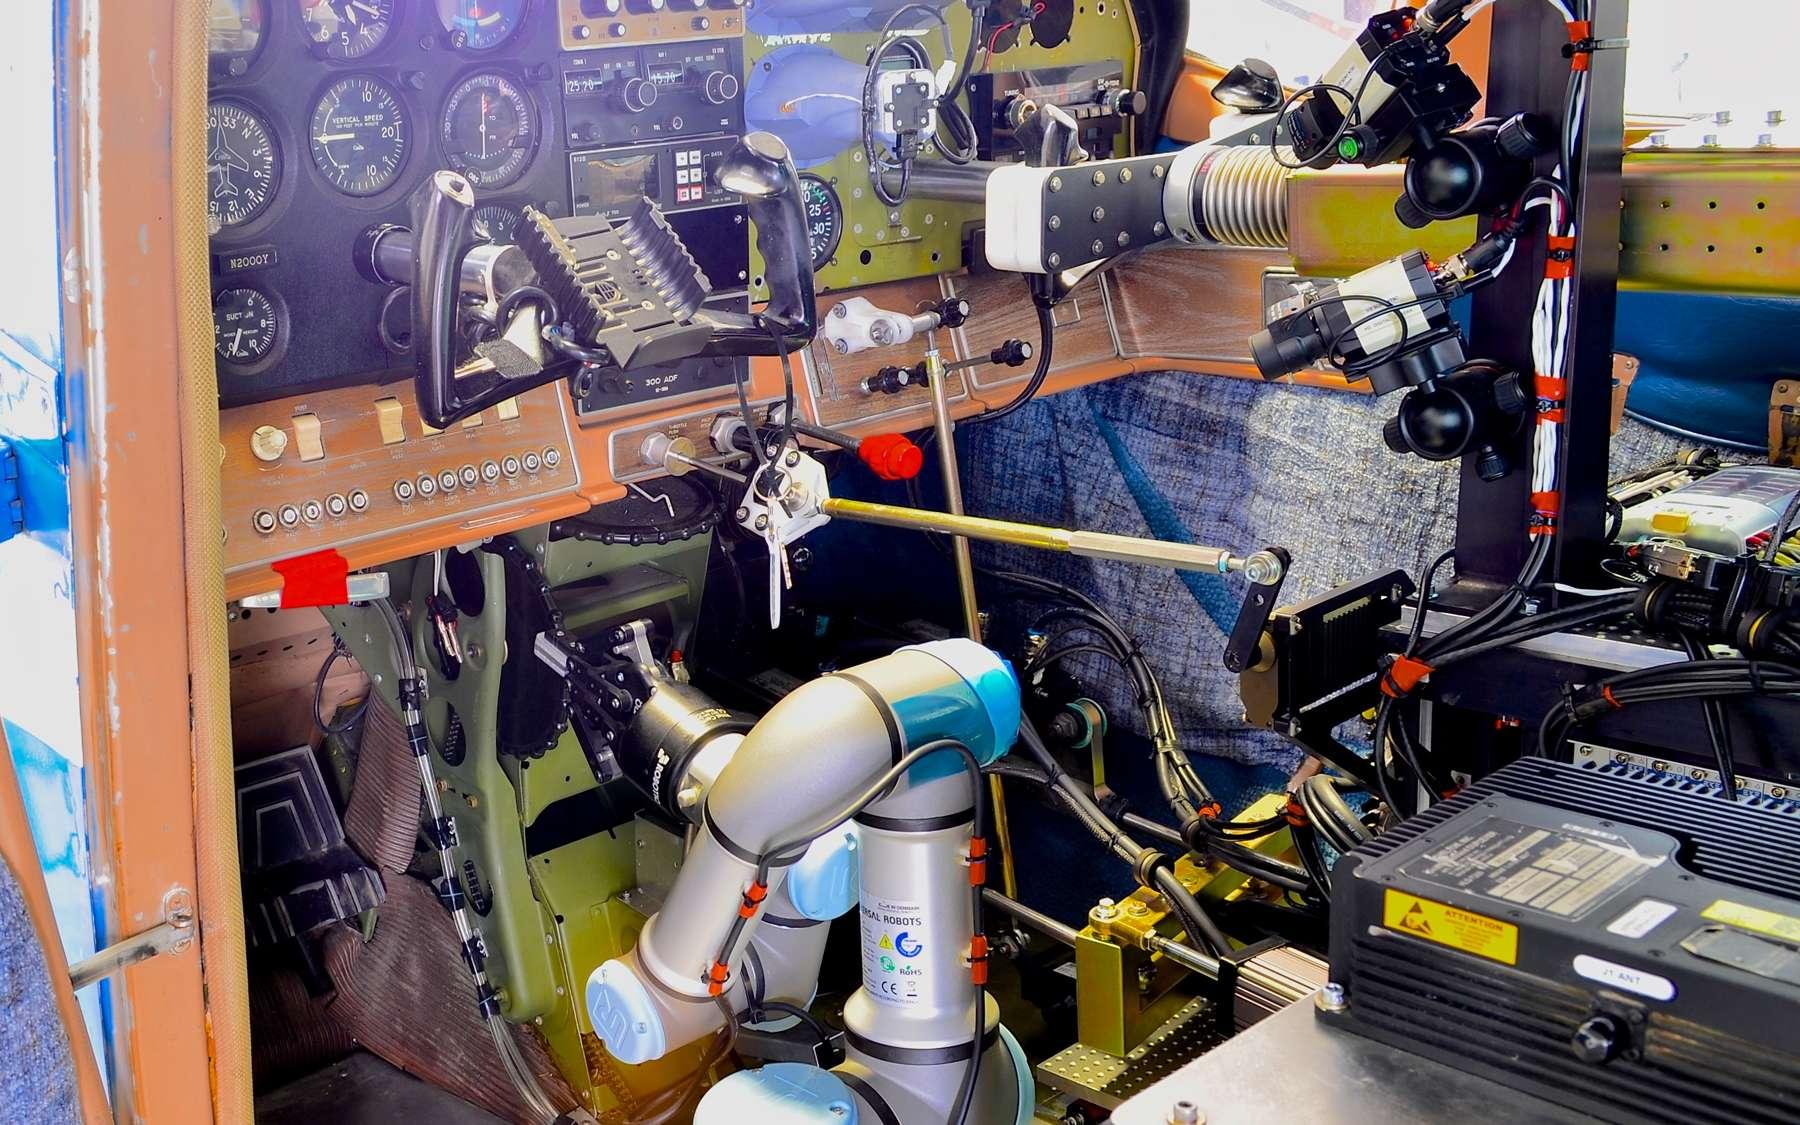 Ce robot, qui n'a rien d'humanoïde, sait piloter un avion sans qu'il y ait d'autres modifications à réaliser que retirer ses sièges. Il ne sait pas encore gérer la radio. © Robins Air Force Base